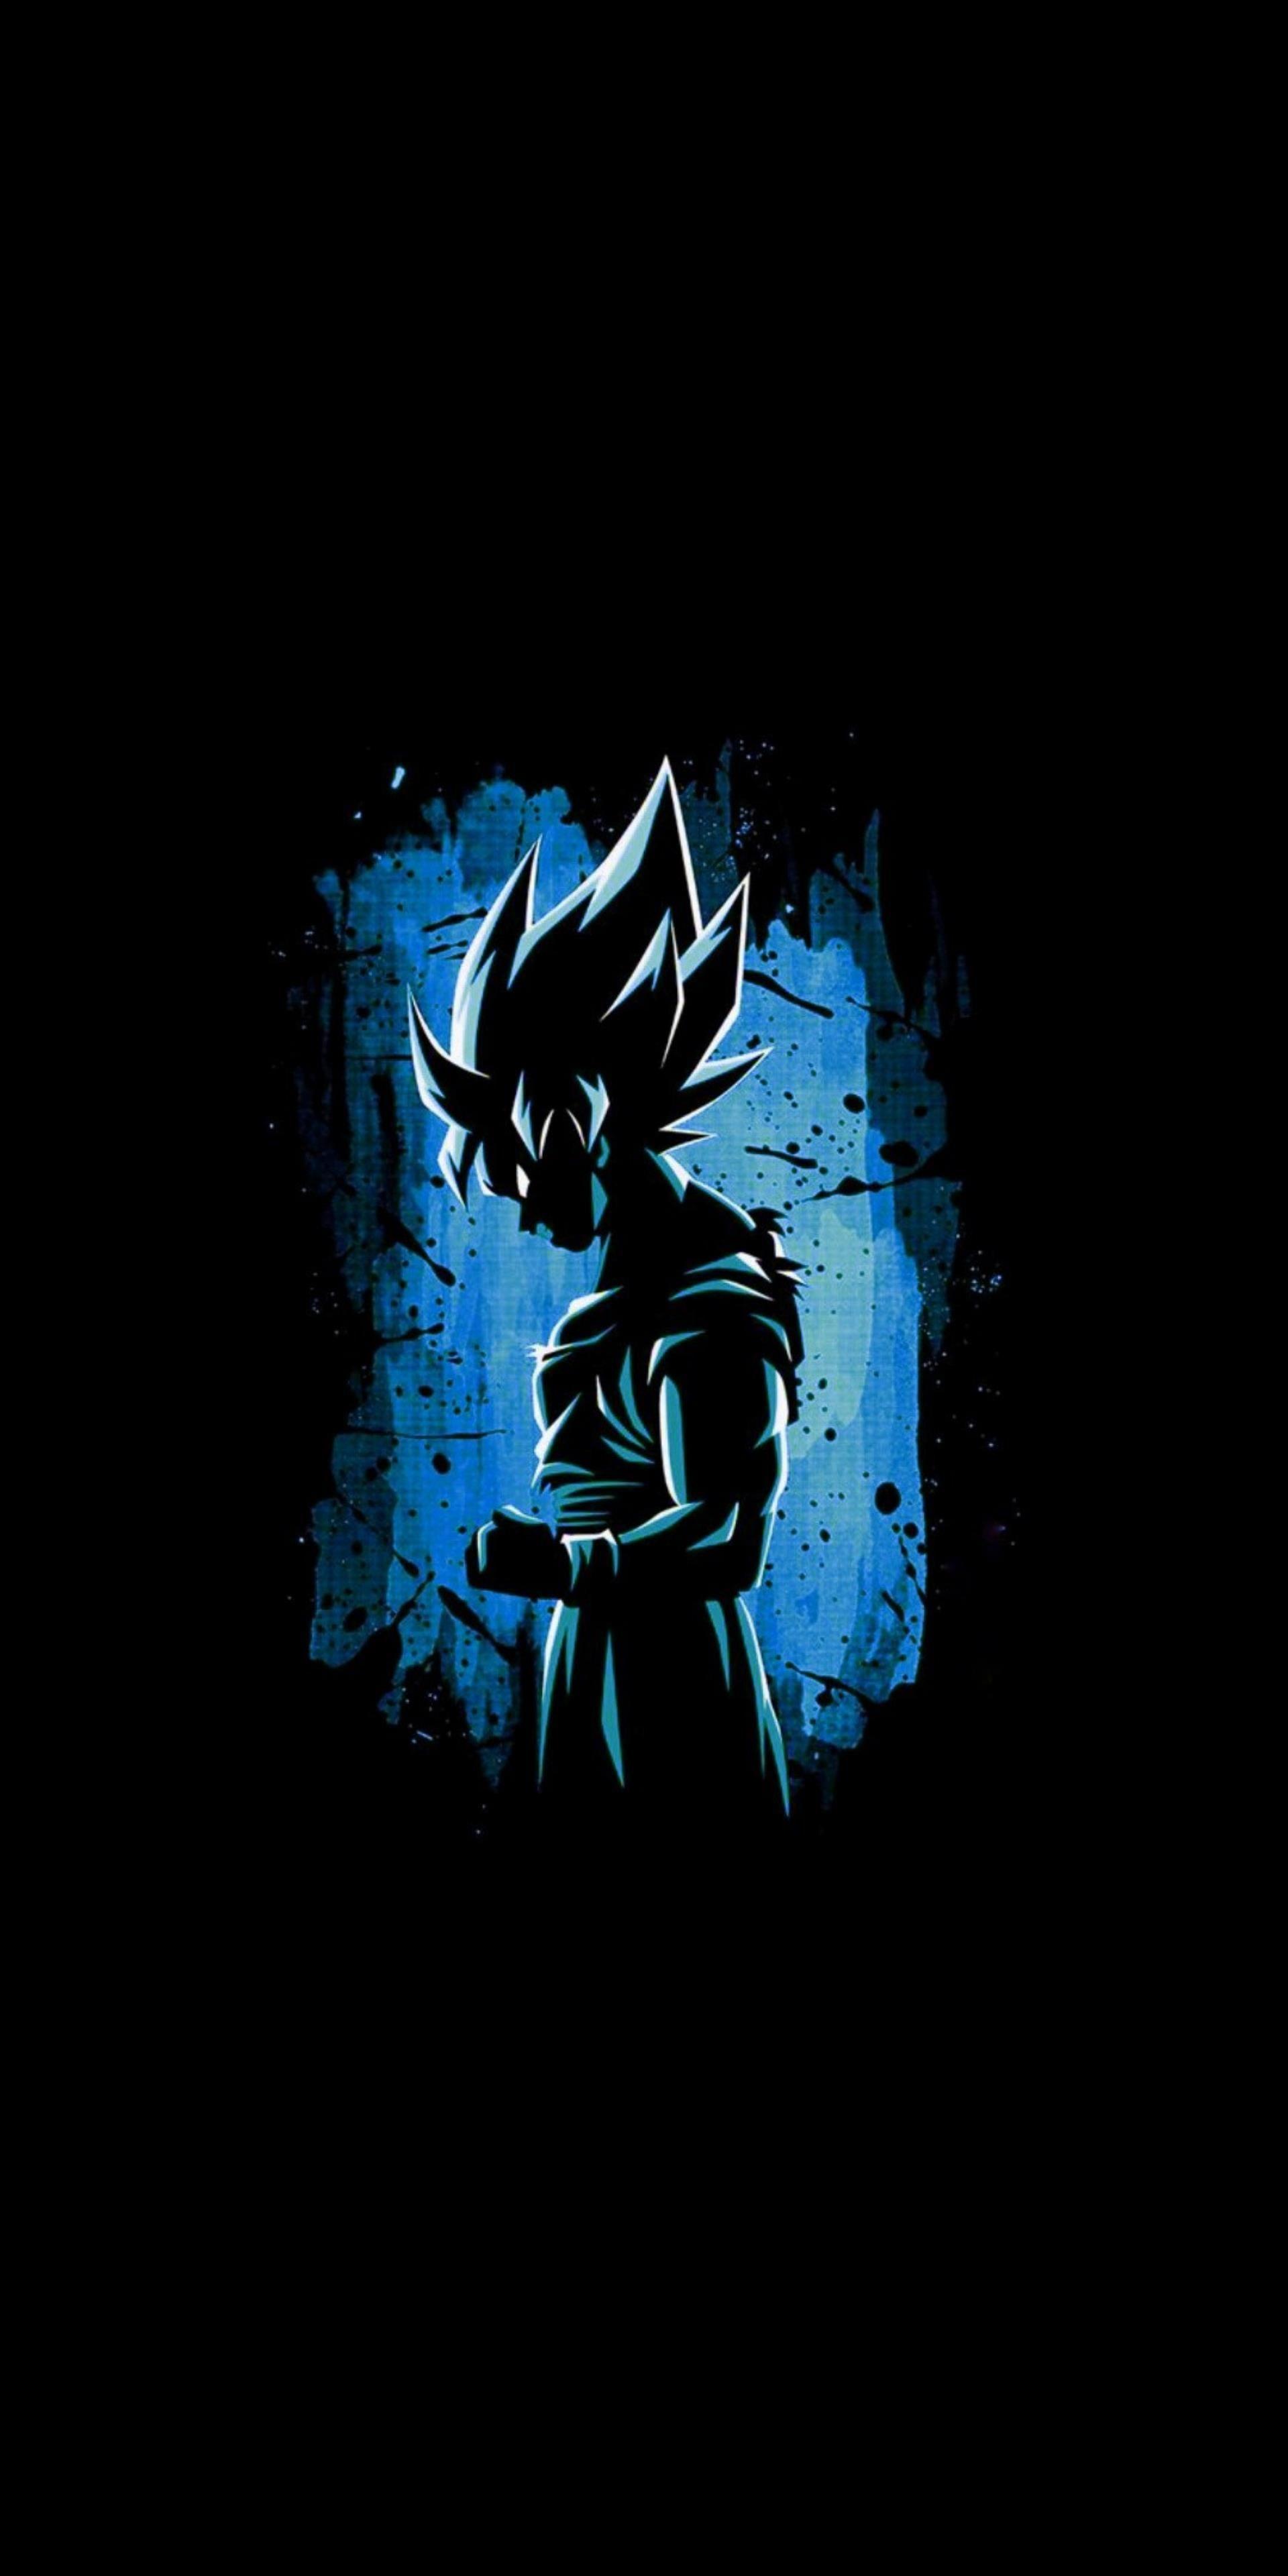 Wallpaper De Goku Para Tu Telefono Android Fondo De Pantalla De Anime Fondos De Pantalla Hd Para Iphone Pantalla De Goku